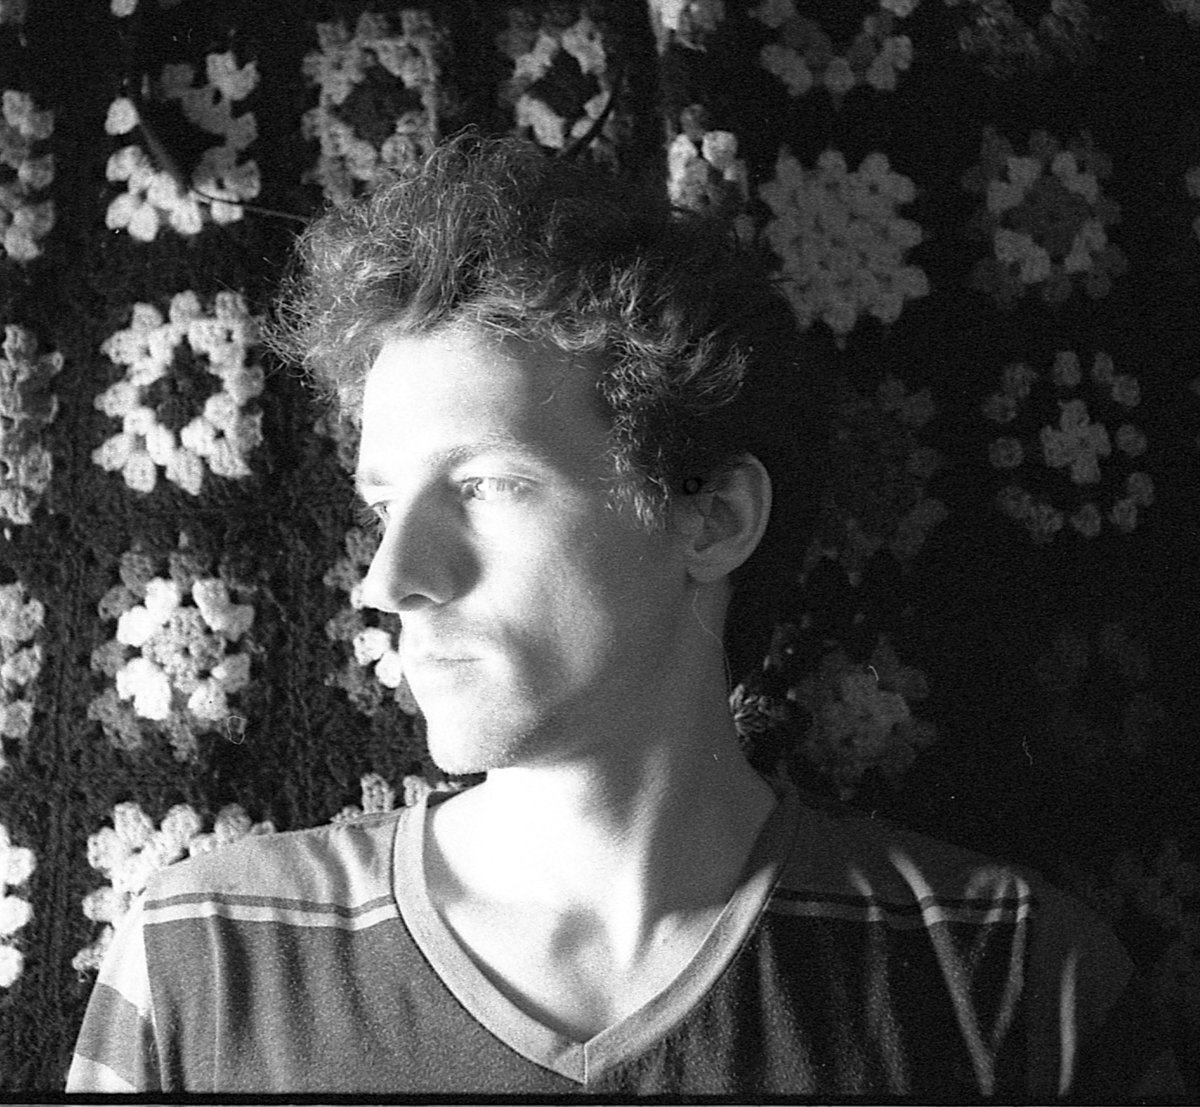 Jake Nicoll Named 2019 Landfall Trust Musician in Residence